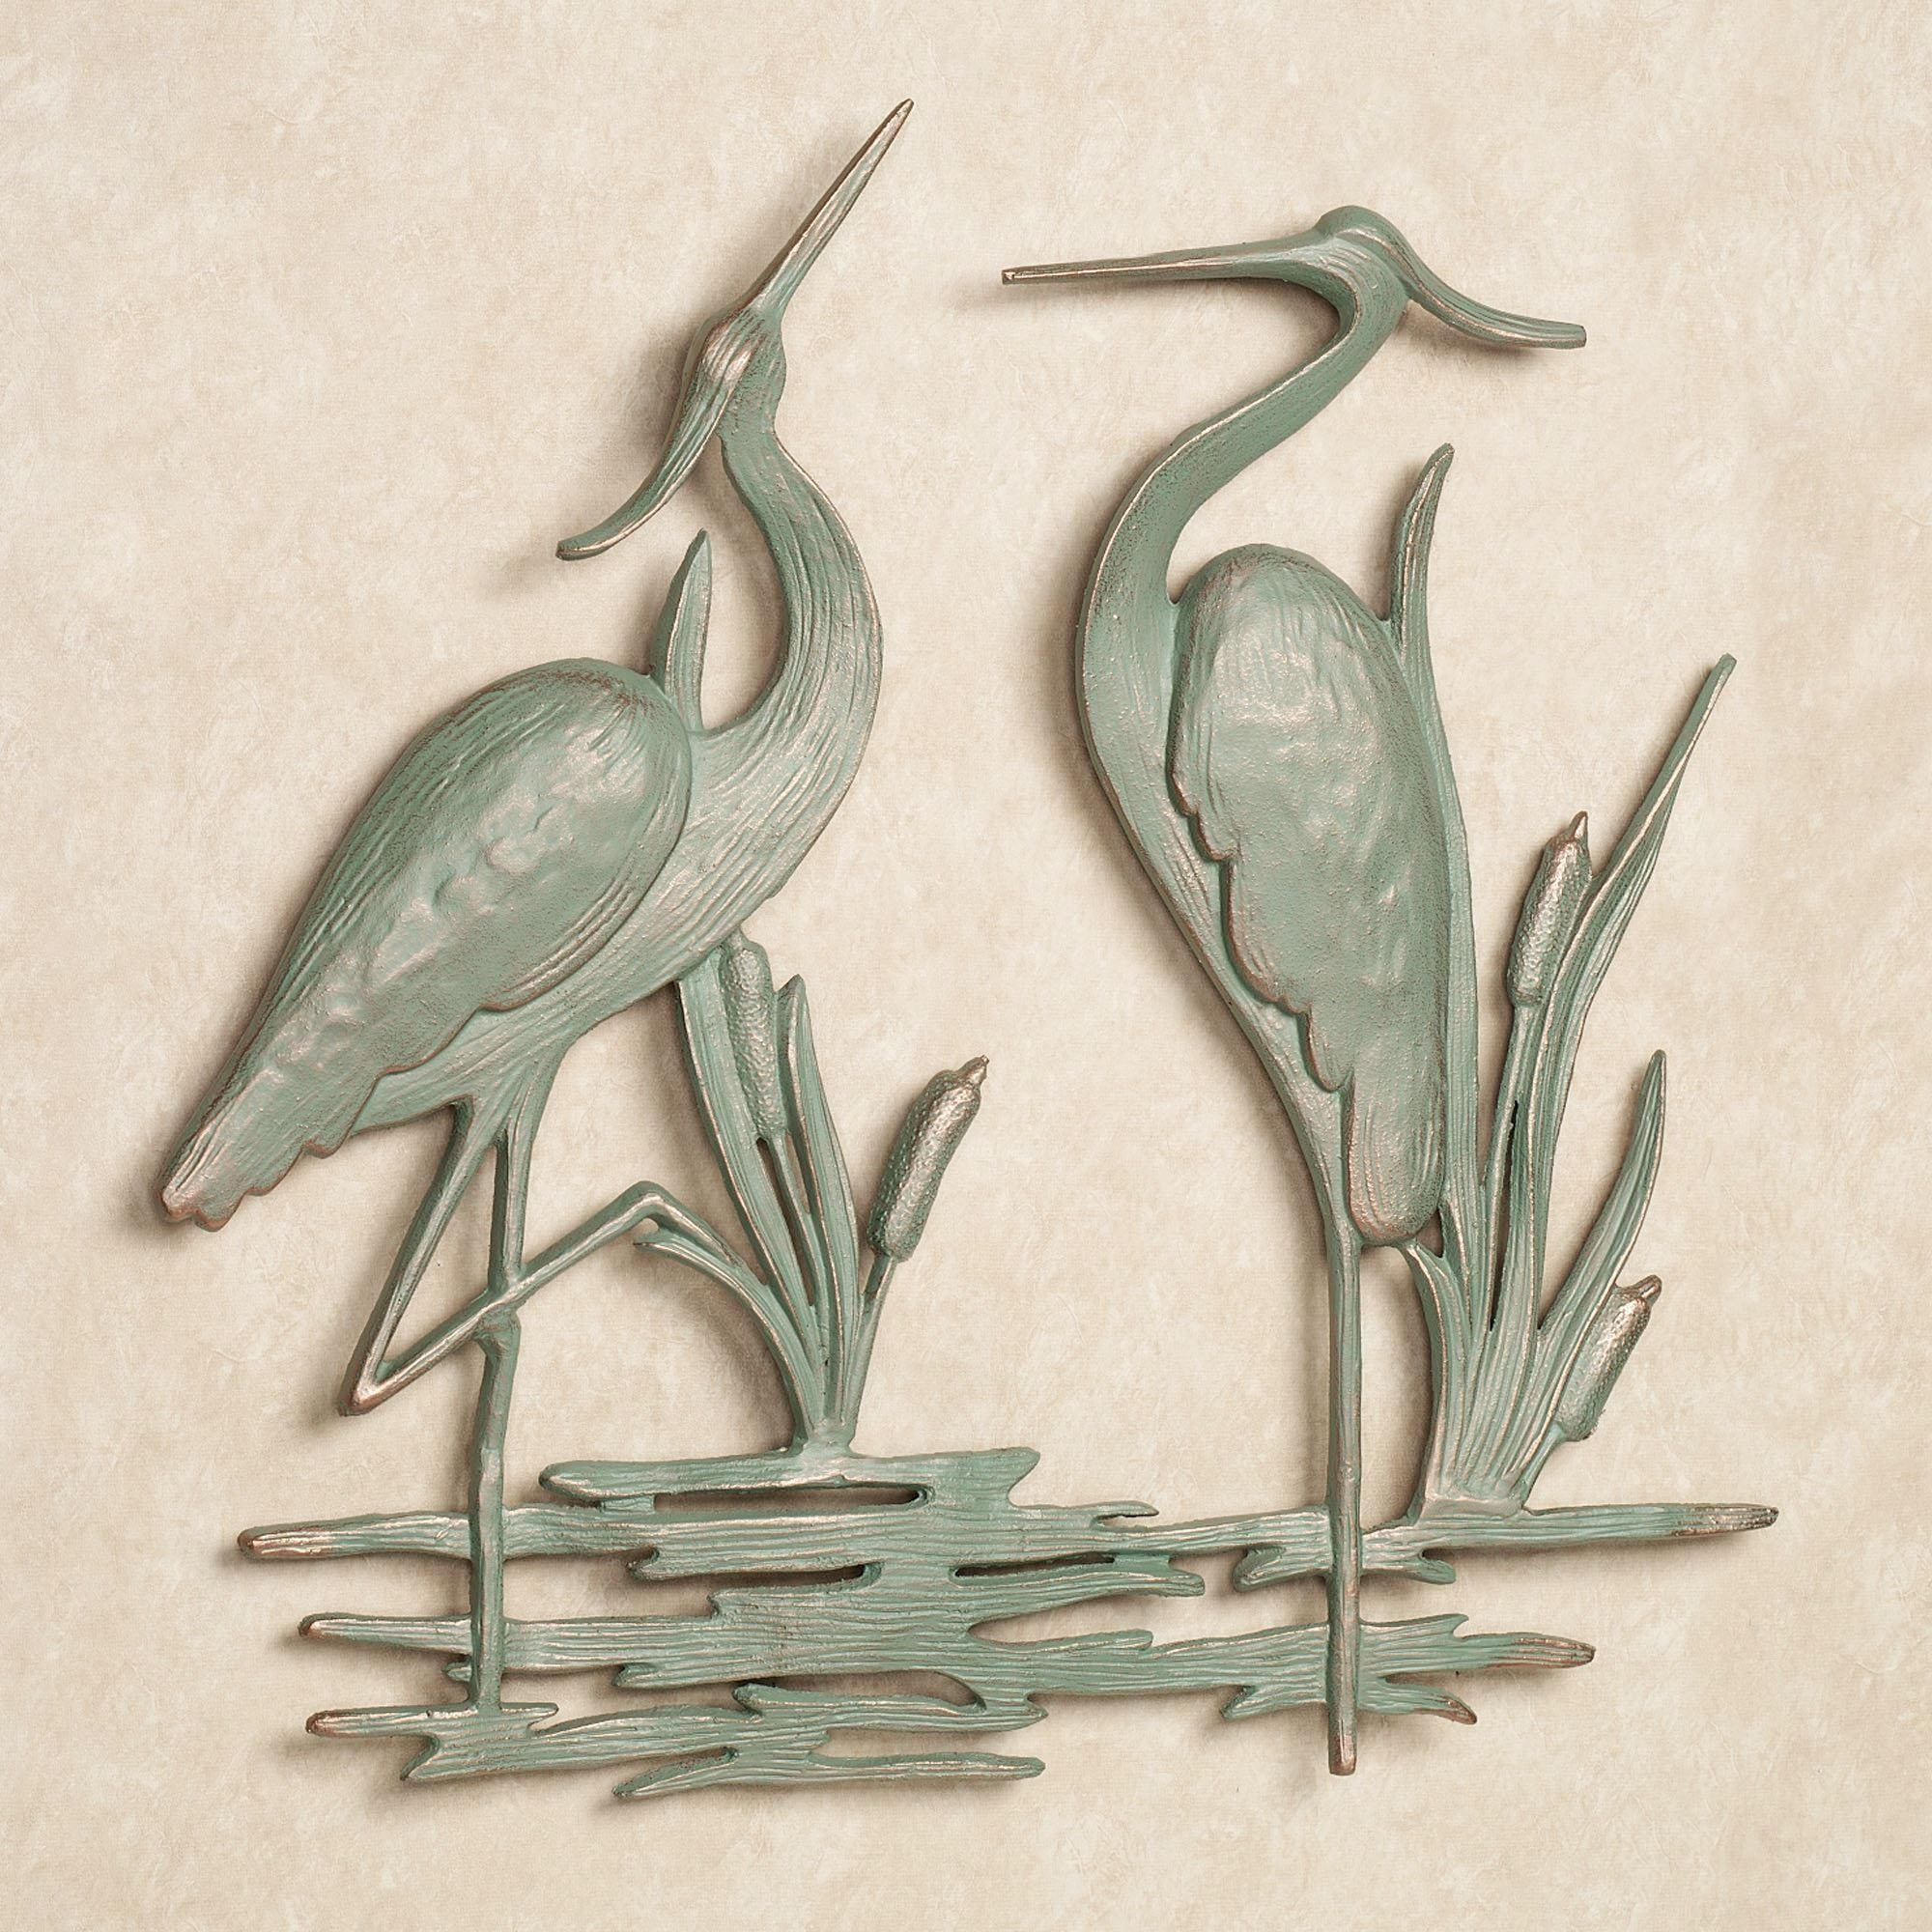 Heron Indoor Outdoor Metal Wall Art With Outdoor Metal Art For Walls (Image 8 of 20)